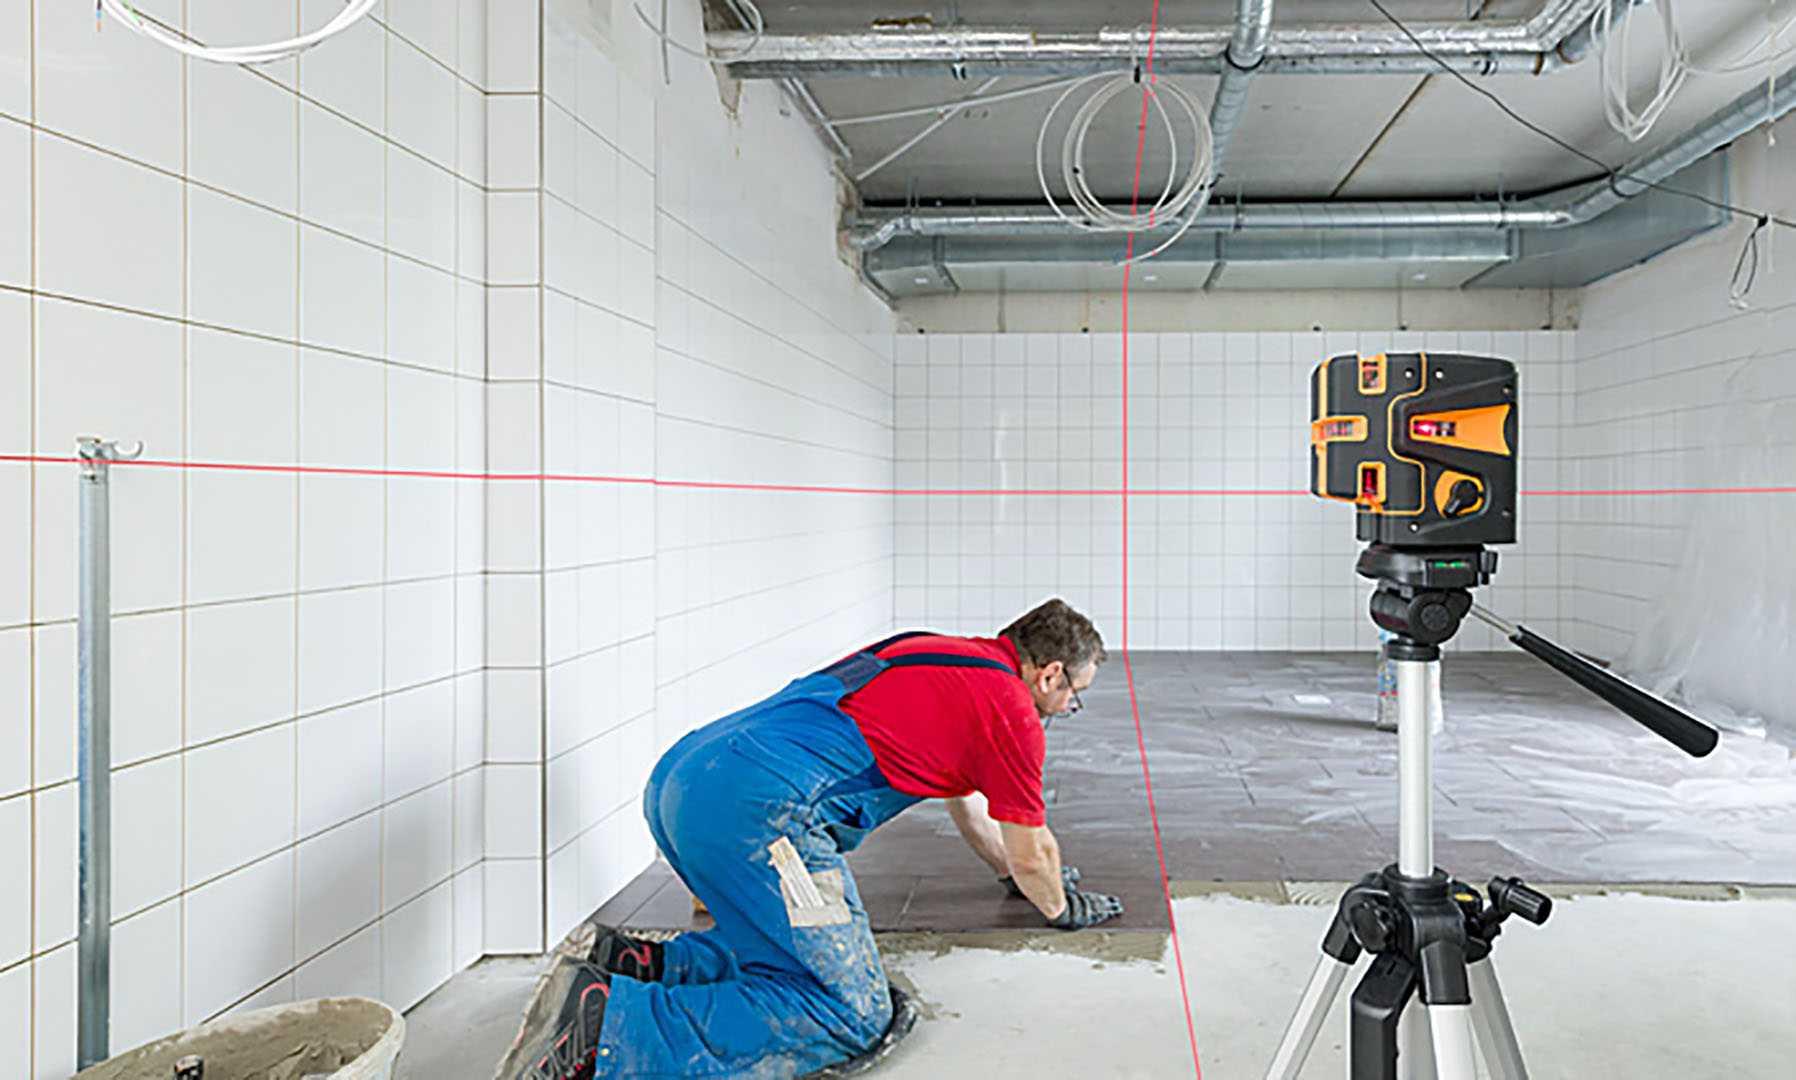 Как выбрать лазерный уровень для дома: разберемся в параметрах самовыравнивающихся нивелиров   умный выбор   яндекс дзен